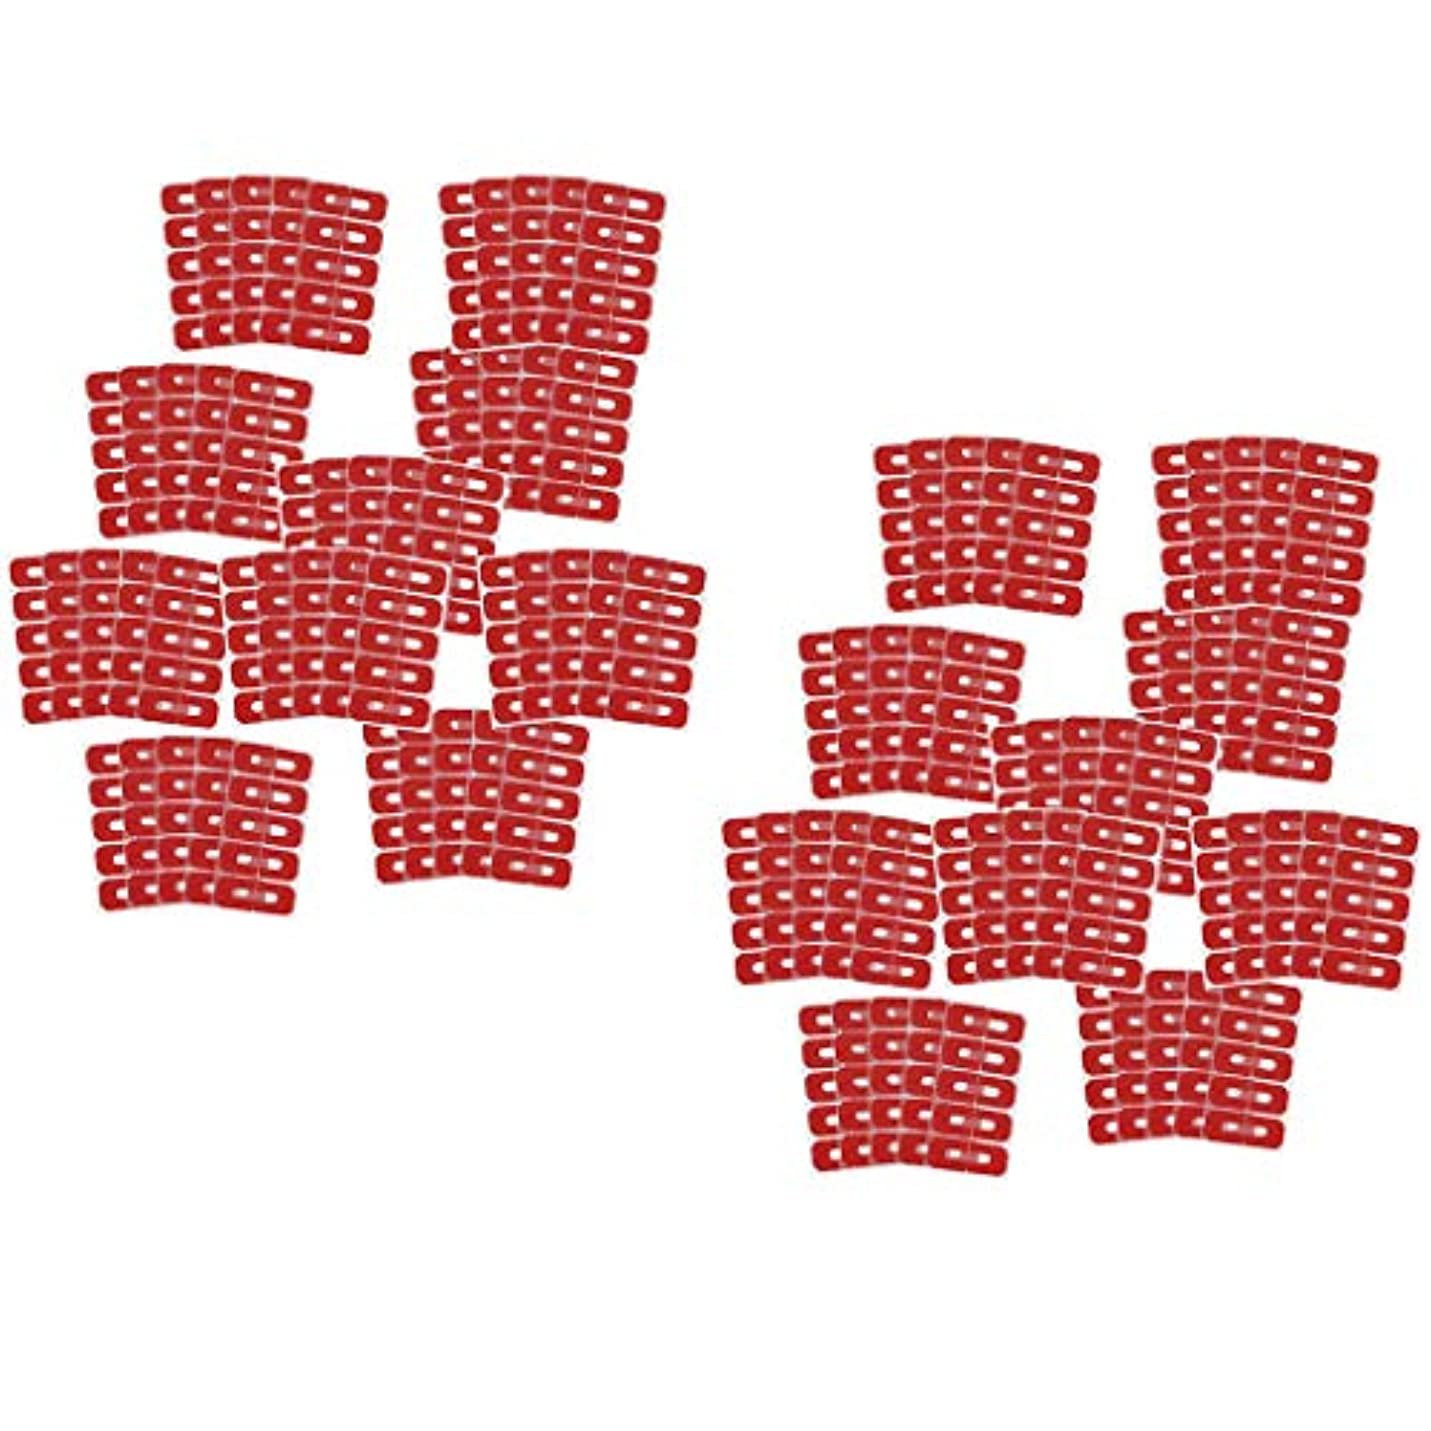 動く音触覚Injoyo ネイルアート マニキュア ネイルカバー ステッカー 使い捨て ネイルアートツール